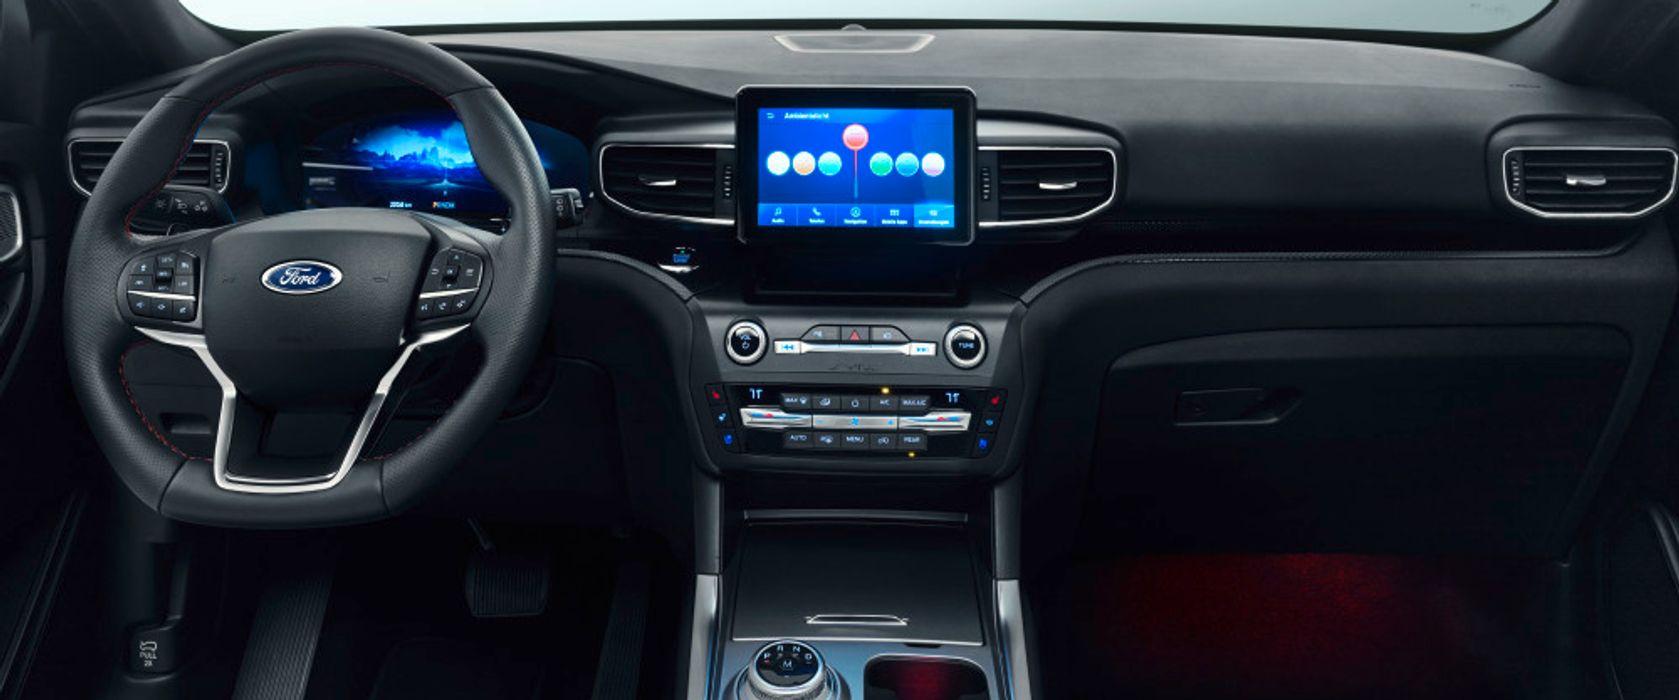 Nye Ford Explorer kommer med en 10,1 tommers sentralt plassert touchskjerm og et heldigitalt instrumentpanel